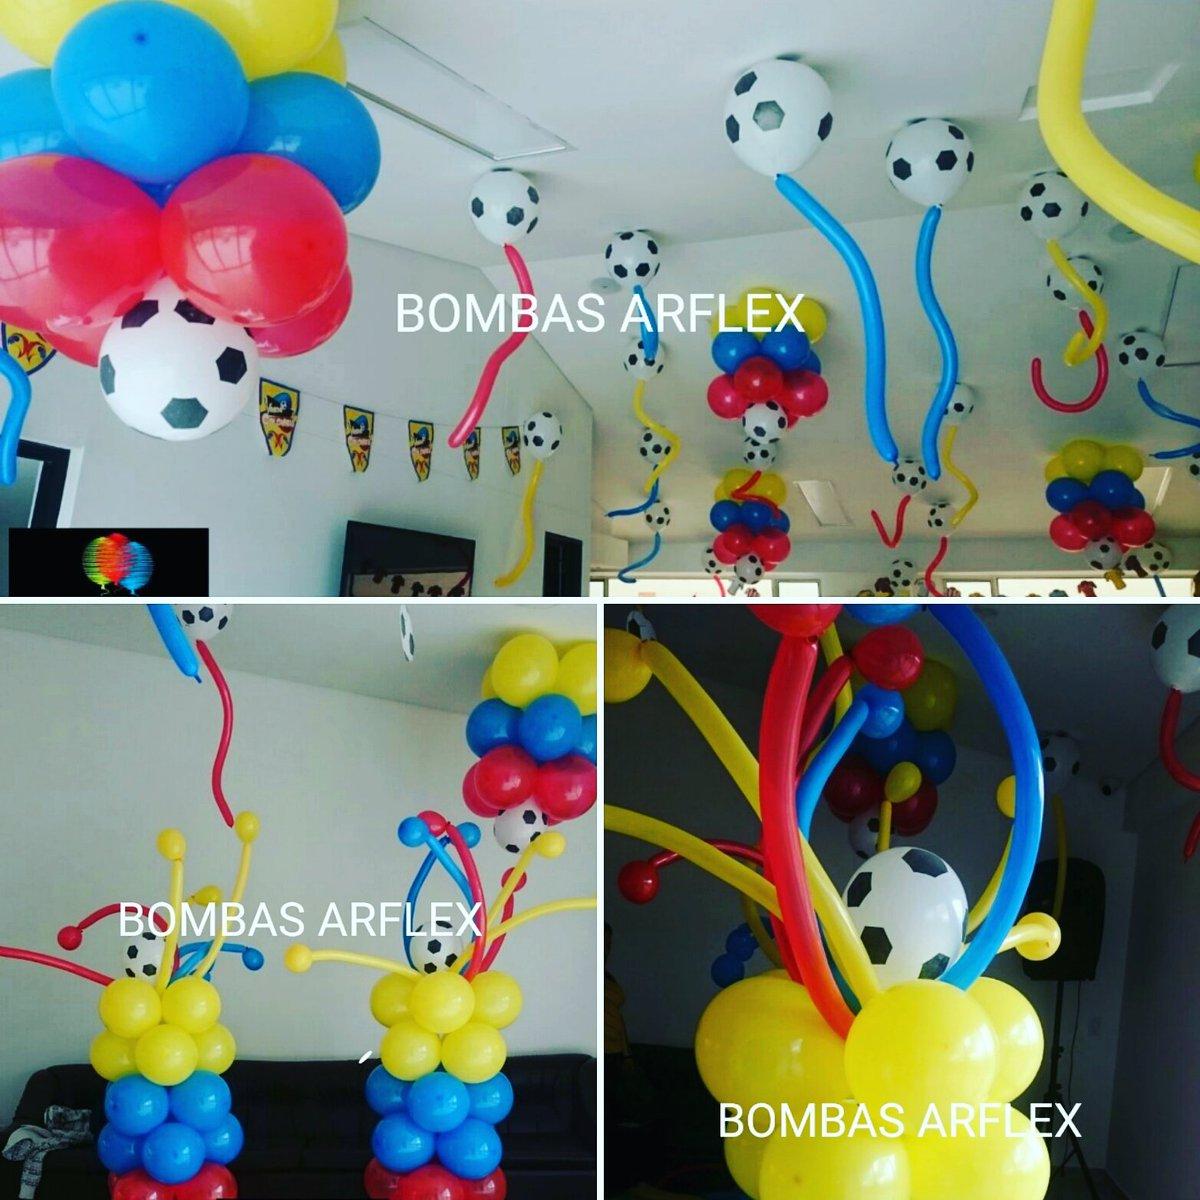 Bombas arflex ltda on twitter nuestras decoraciones - Decoracion con biombos ...